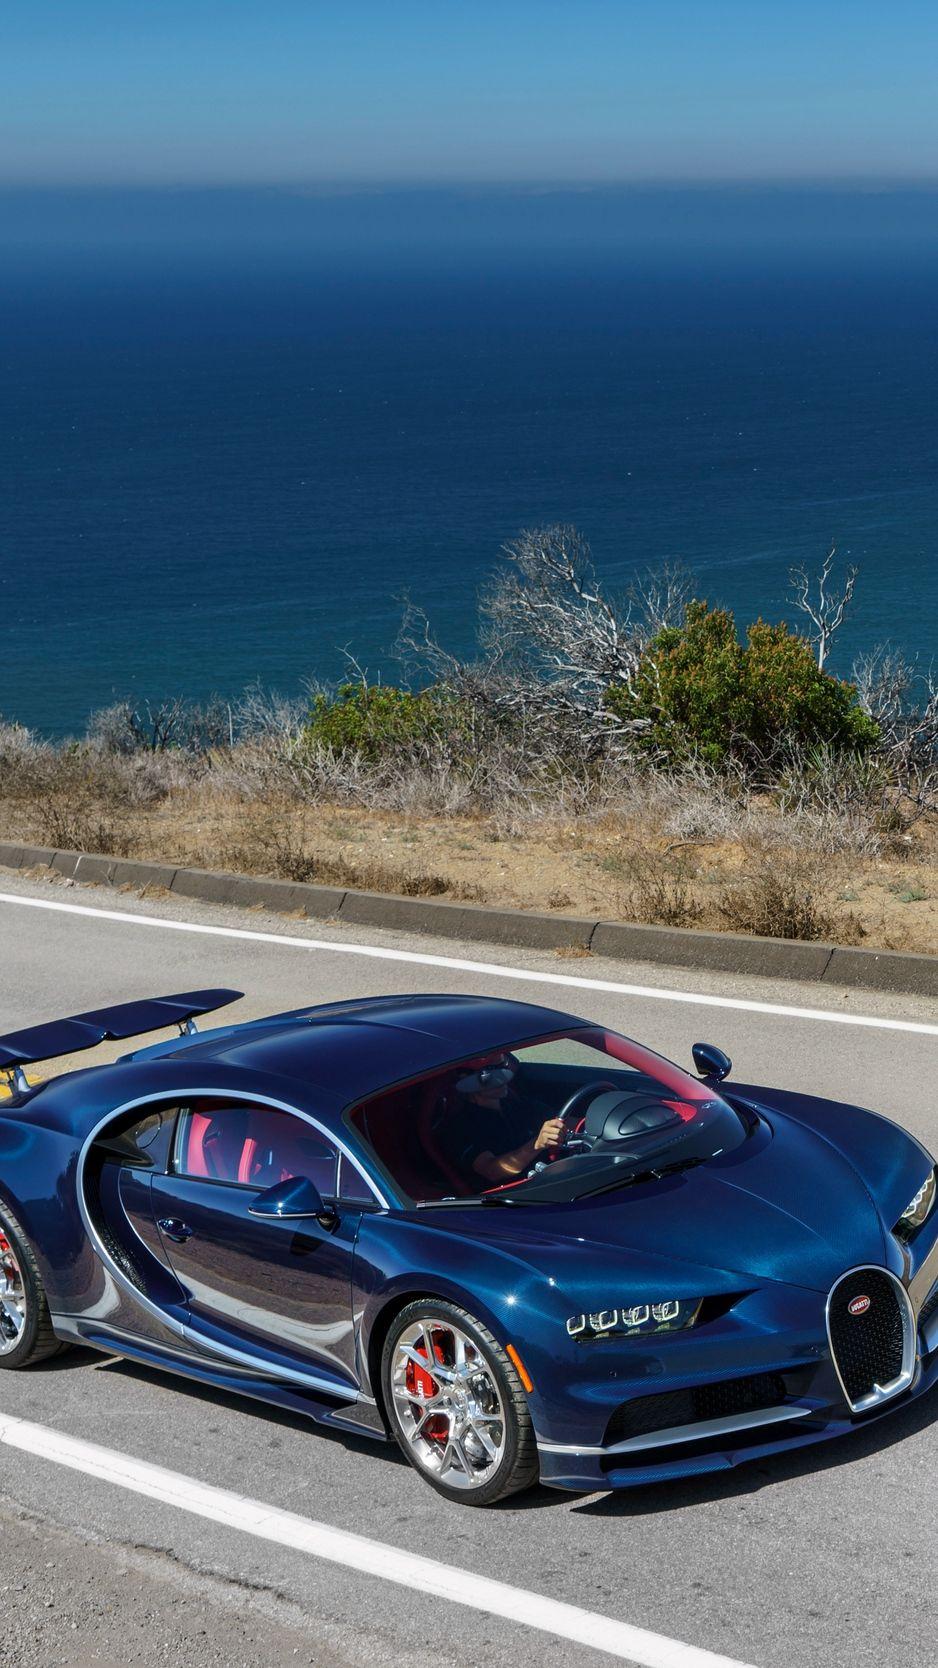 Bugatti Chiron Bugatti Wallpapers Bugatti Bugatti Chiron